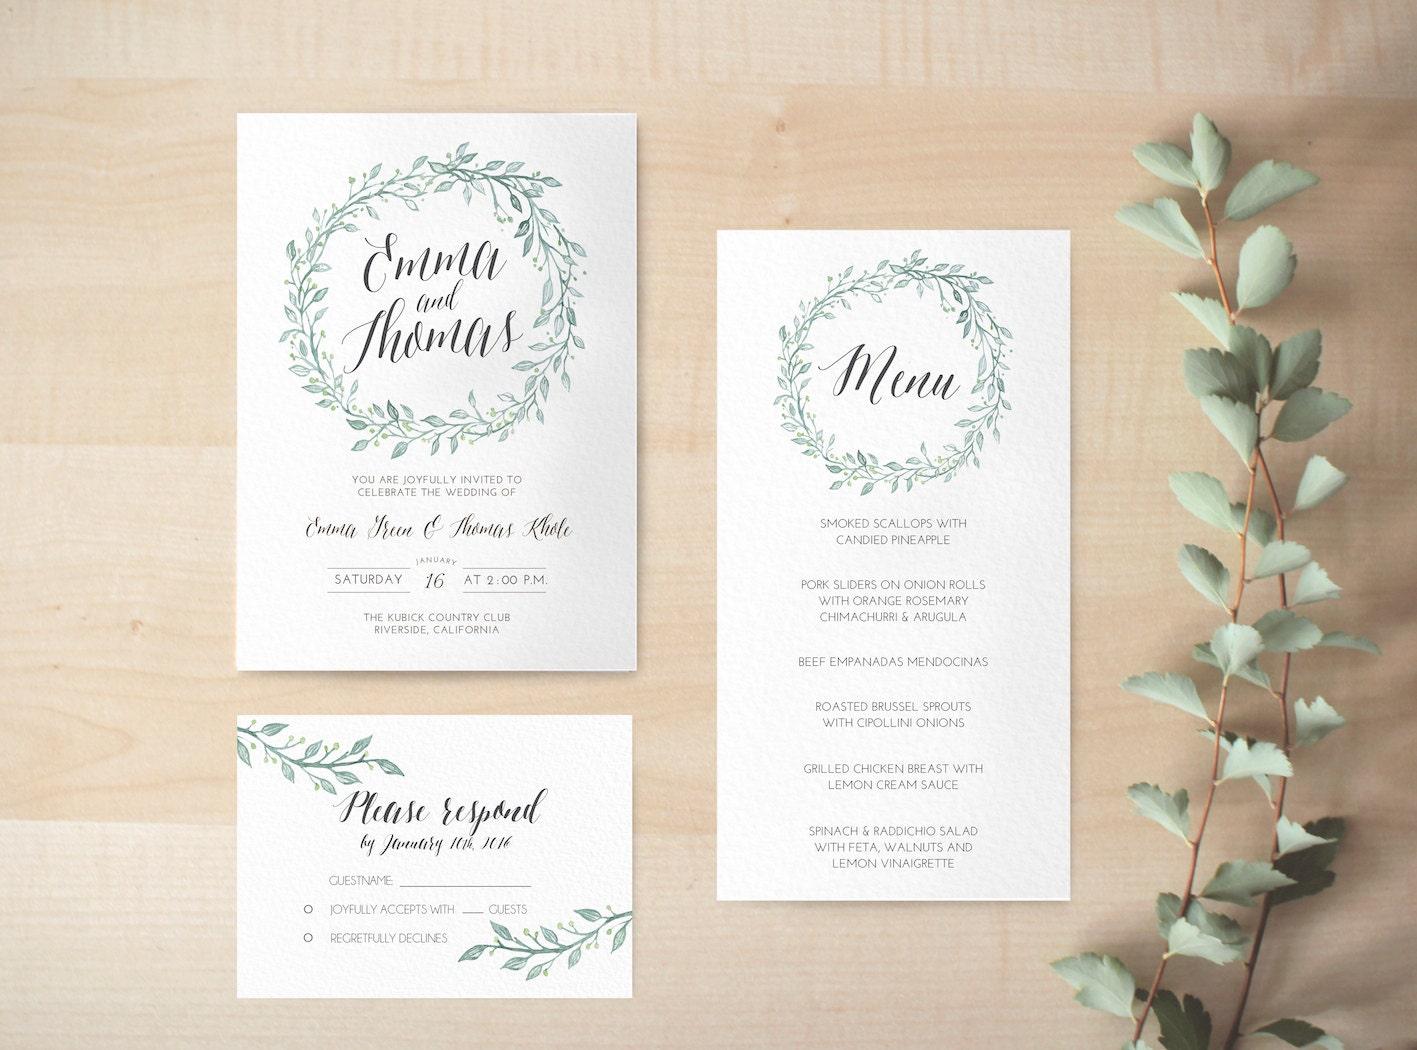 Print Out Wedding Invitations: Digital Wedding Invitation / Printable Floral Invitation